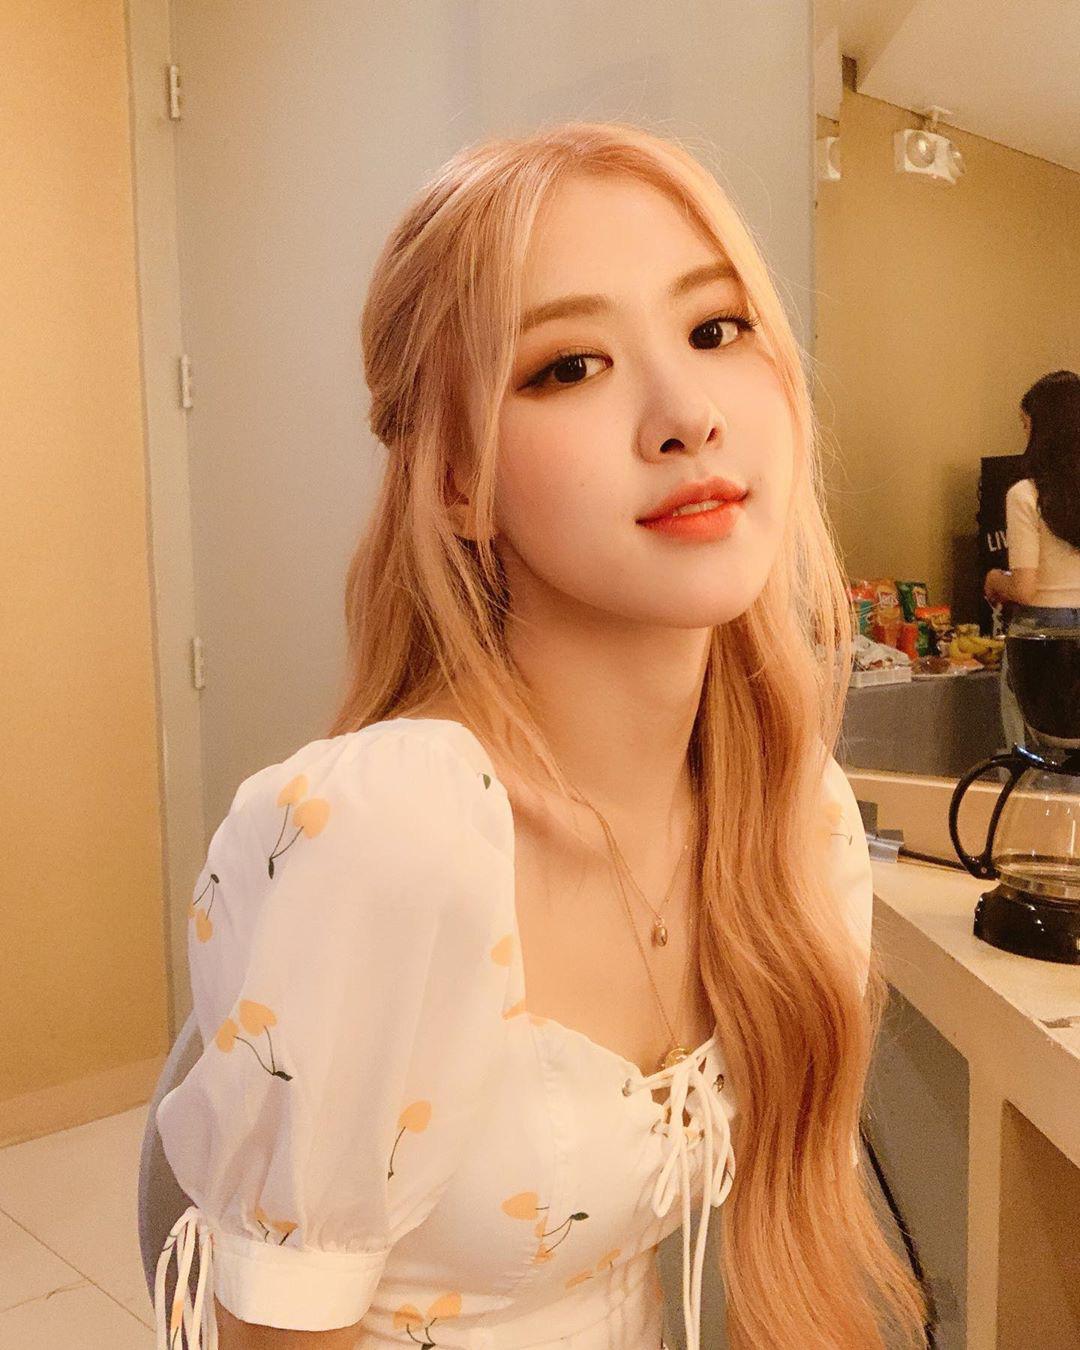 Tóc dài thướt tha sợ làm gì cũng sến, bạn phải học ngay 3 cách buộc tóc sang và xinh hết ý của Rosé (Black Pink) - Ảnh 5